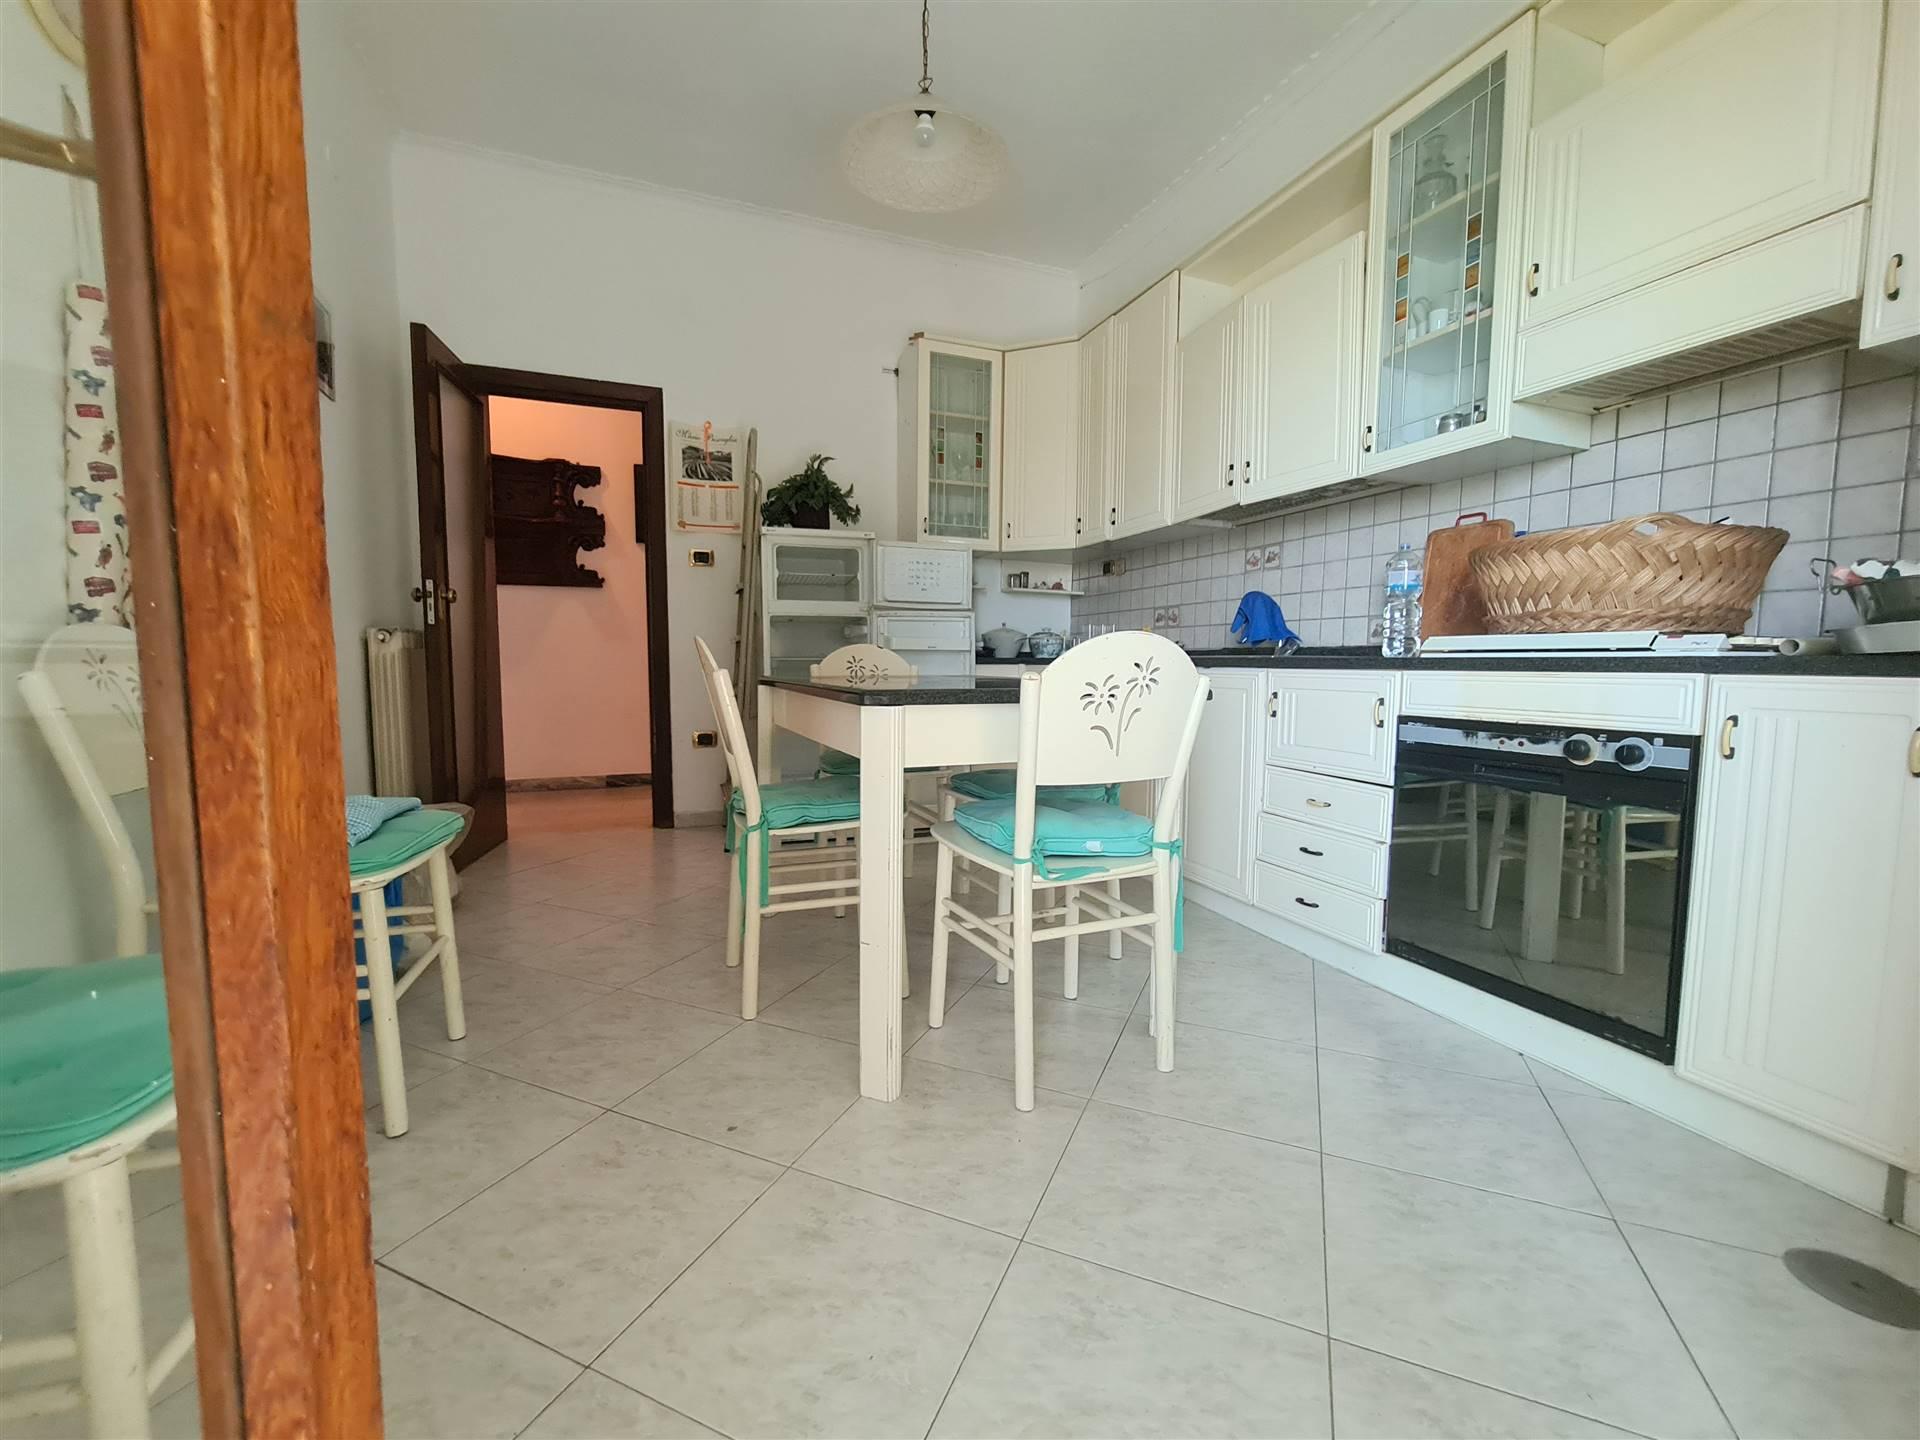 AV981A-Appartamento-SANTA-MARIA-CAPUA-VETERE-Via-Mazzocchi